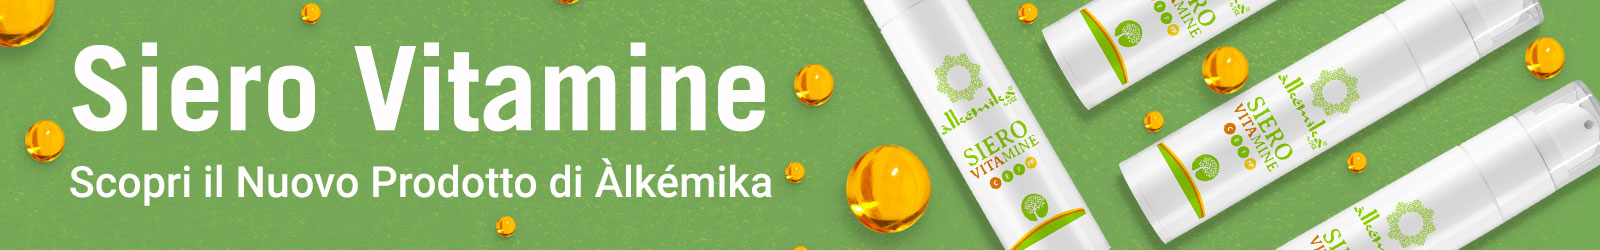 Siero Vitamine Alkemica Sice Eubiotica Acquista Online